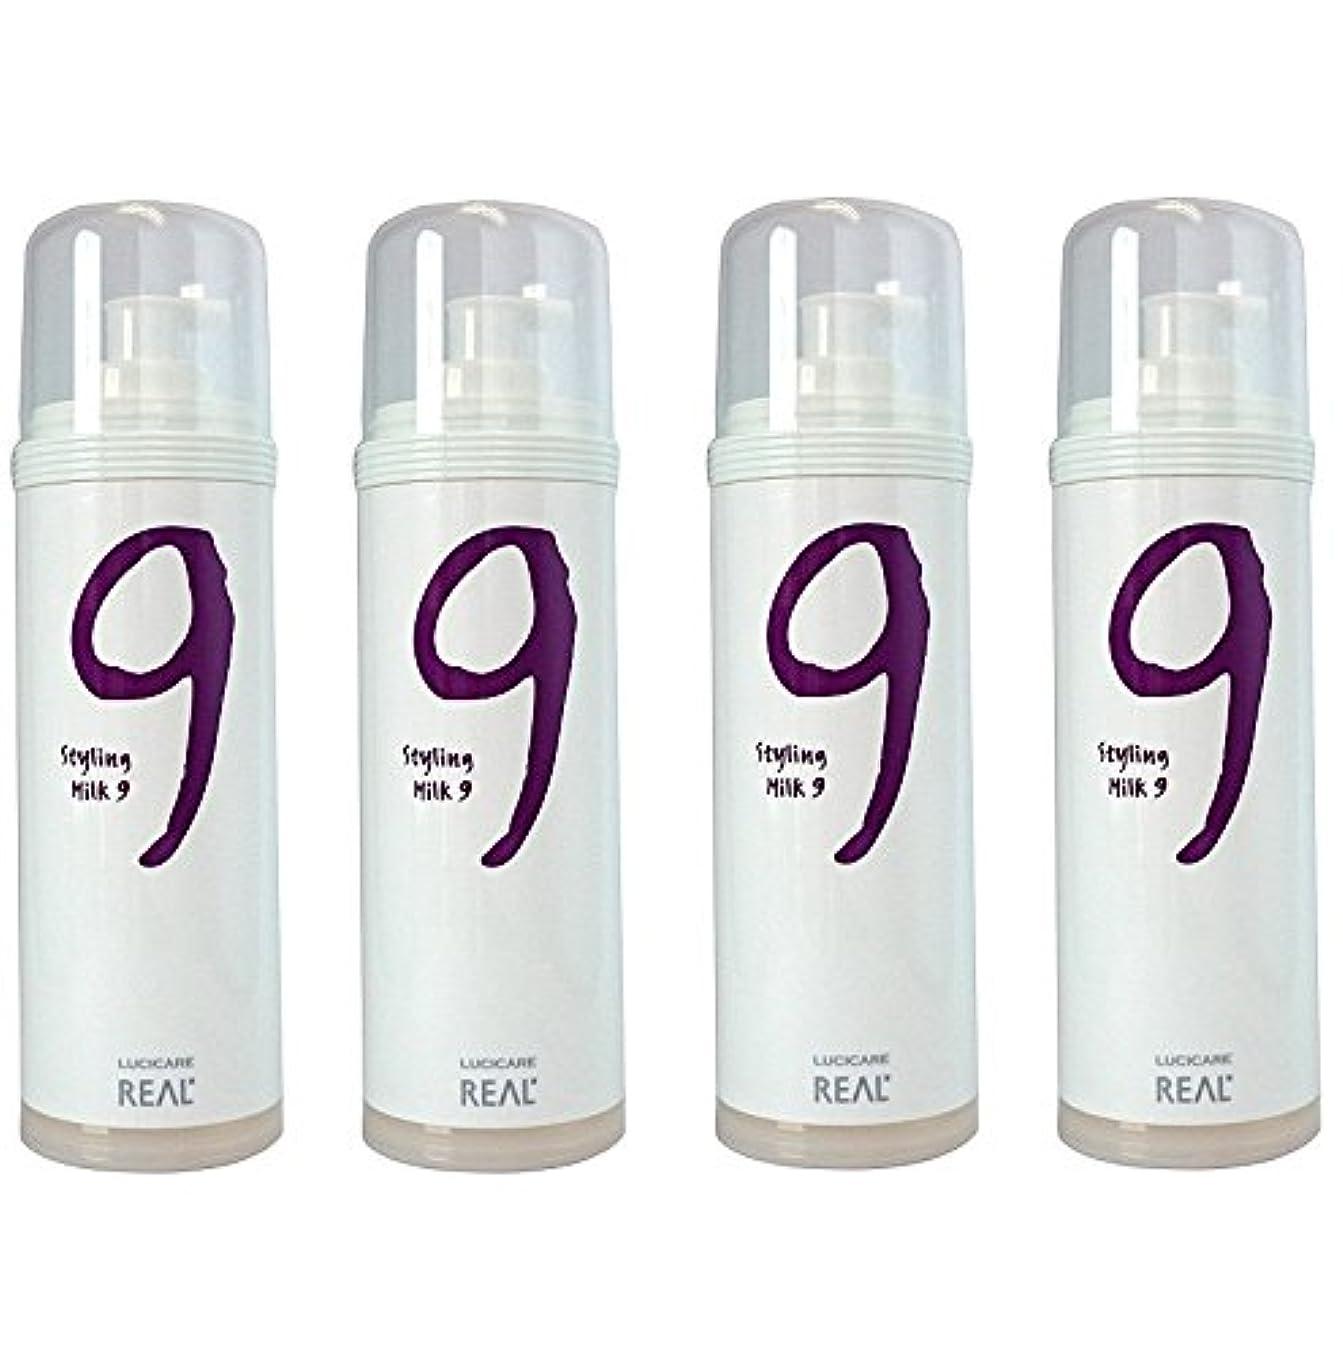 製品名義で章【4本セット】 リアル化学 ルシケア スタイリングミルク9 135g 【ハード】